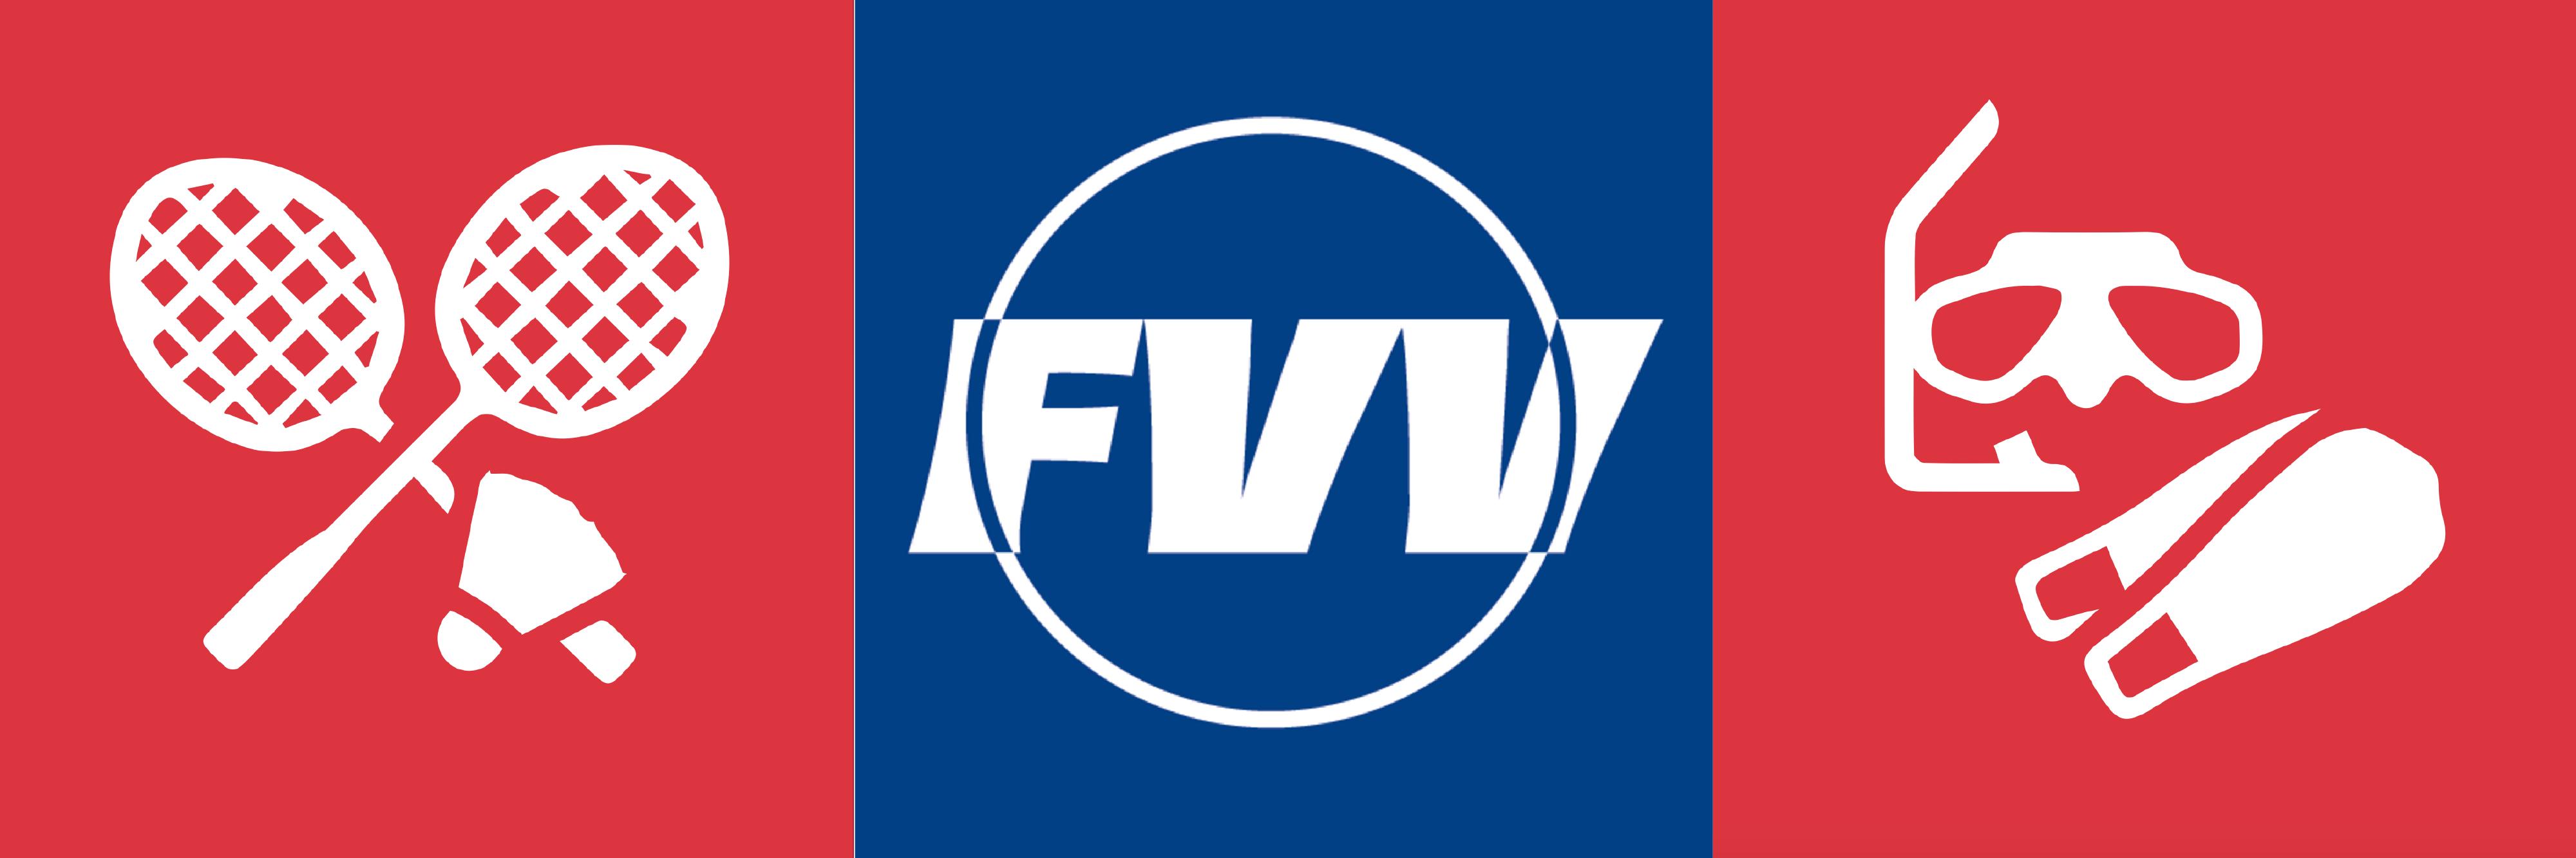 FVV Badminton und Schwimmen-01